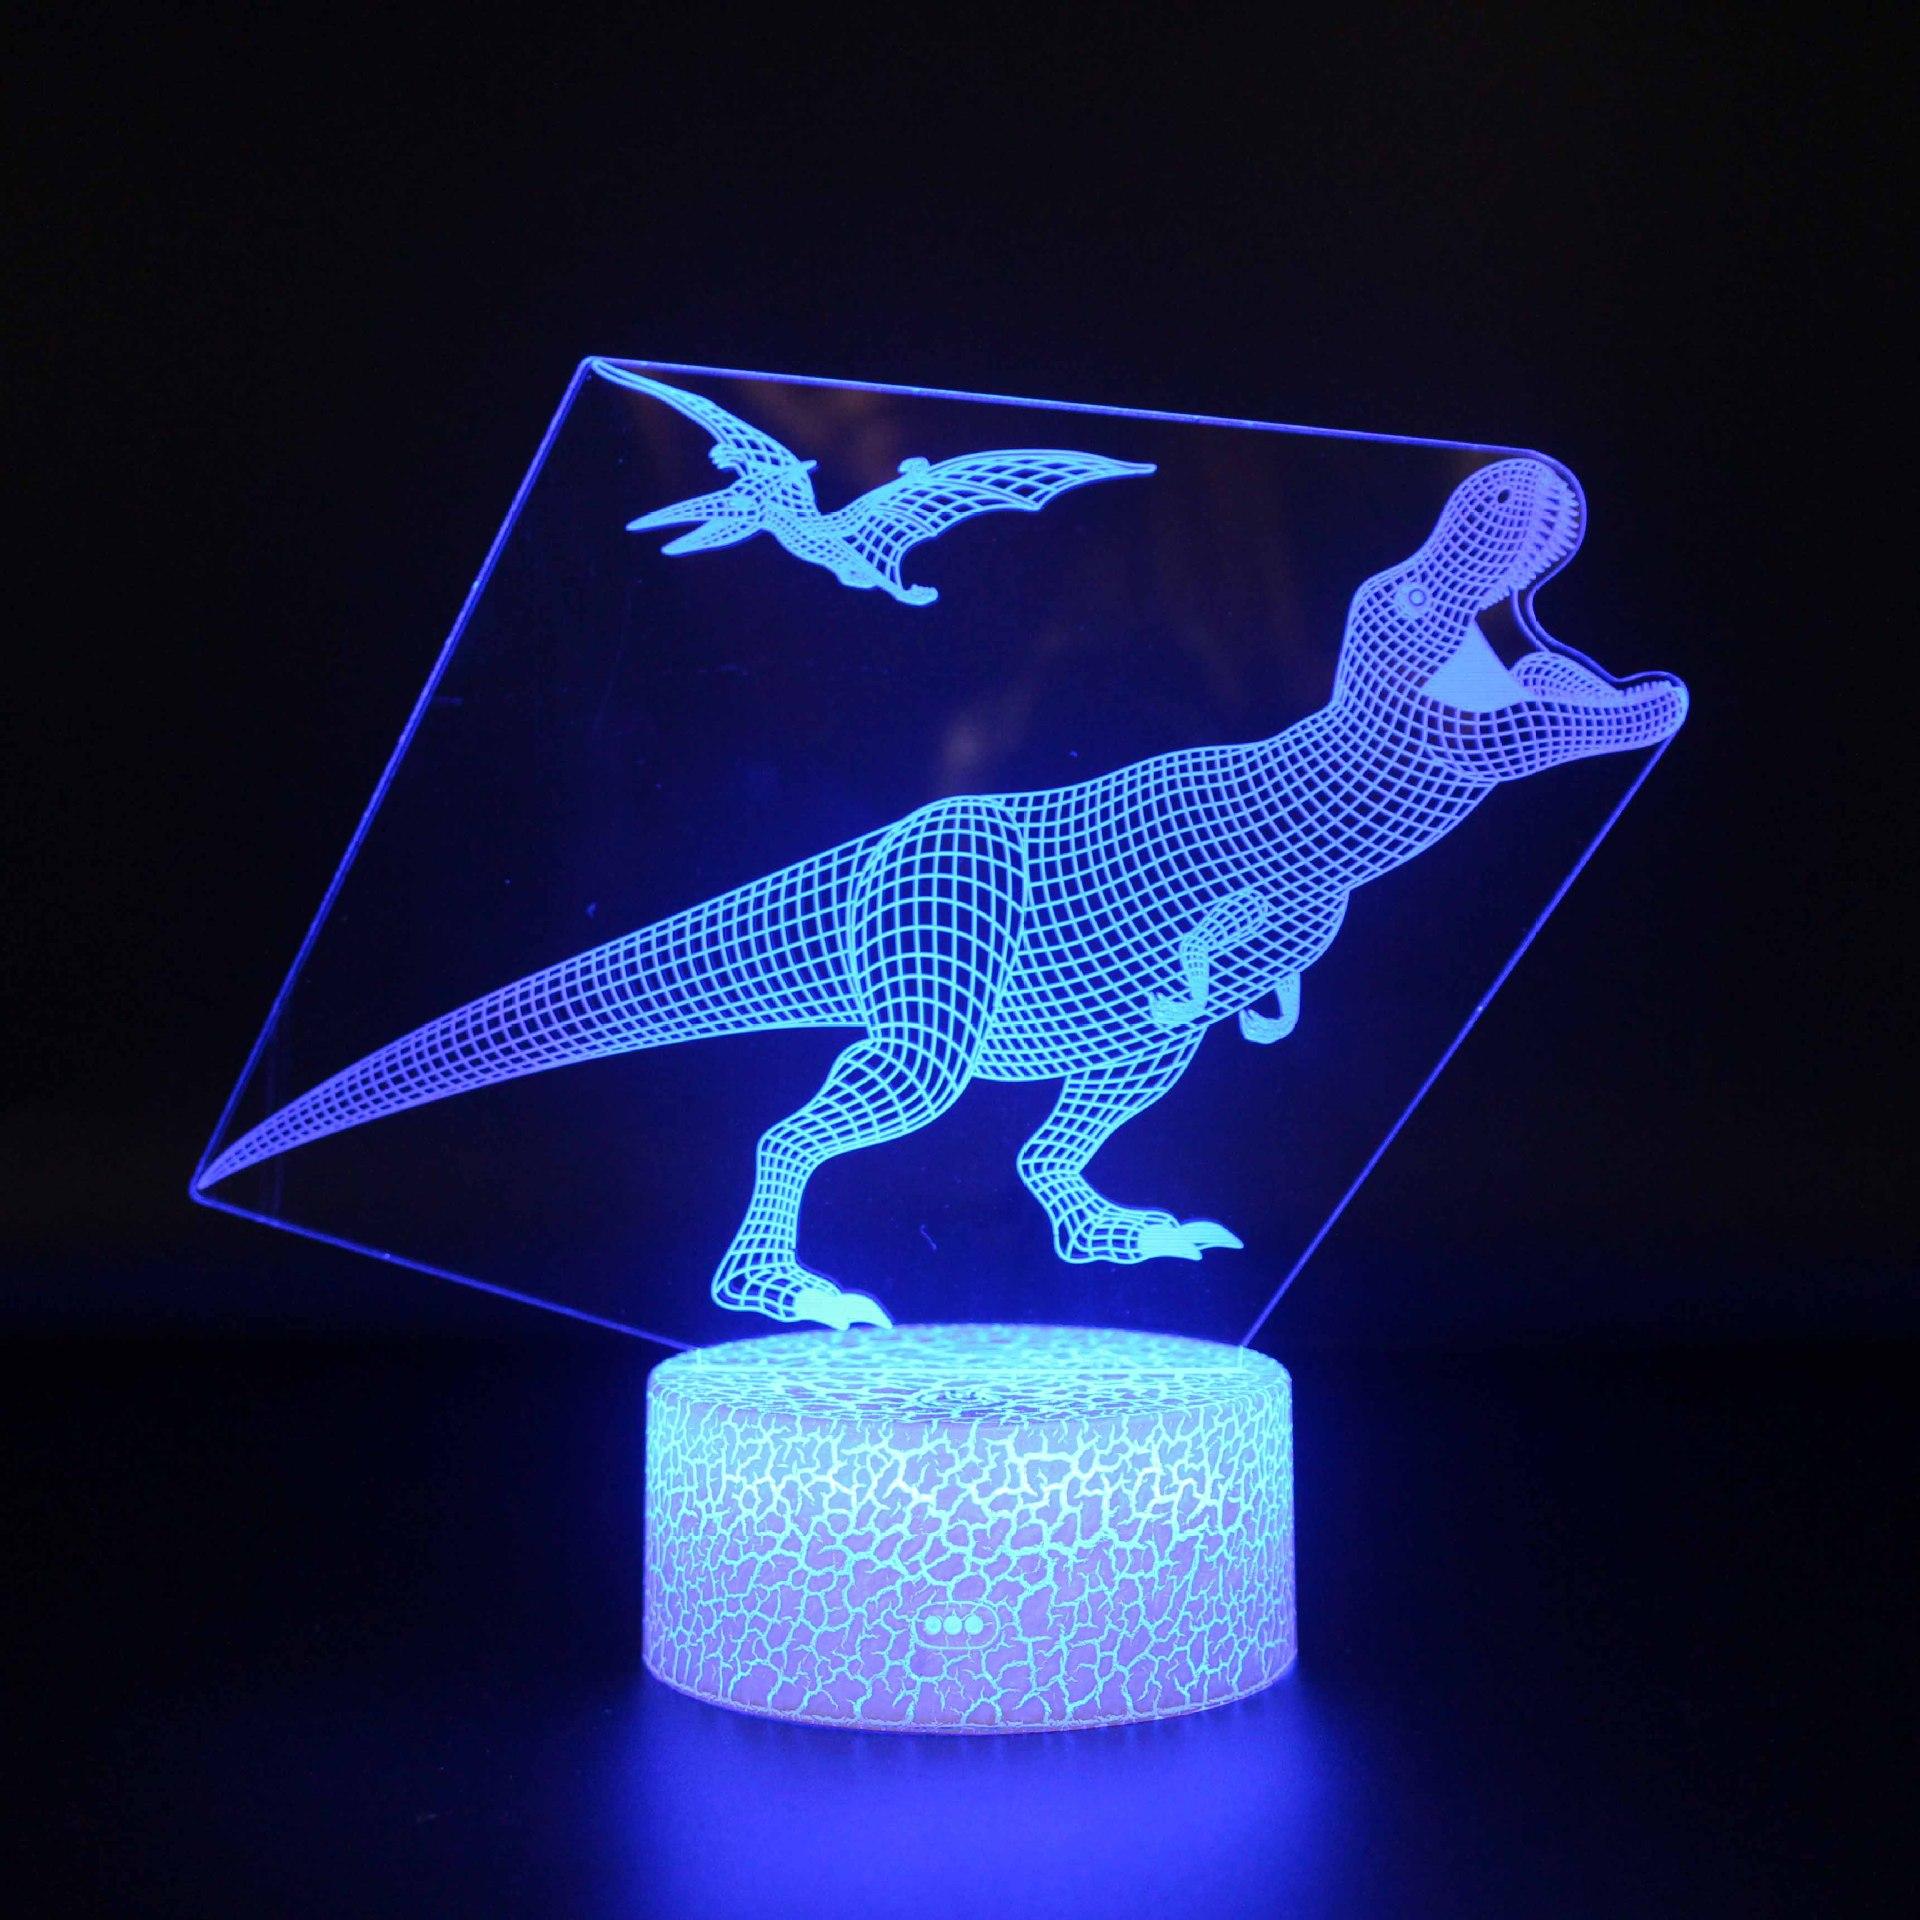 Динозавр 3D LED иллюзия Лампа 3D Оптическая иллюзия огни 7 цветов разноцветные USB украшение дома цвет сменная лампа для мальчиков